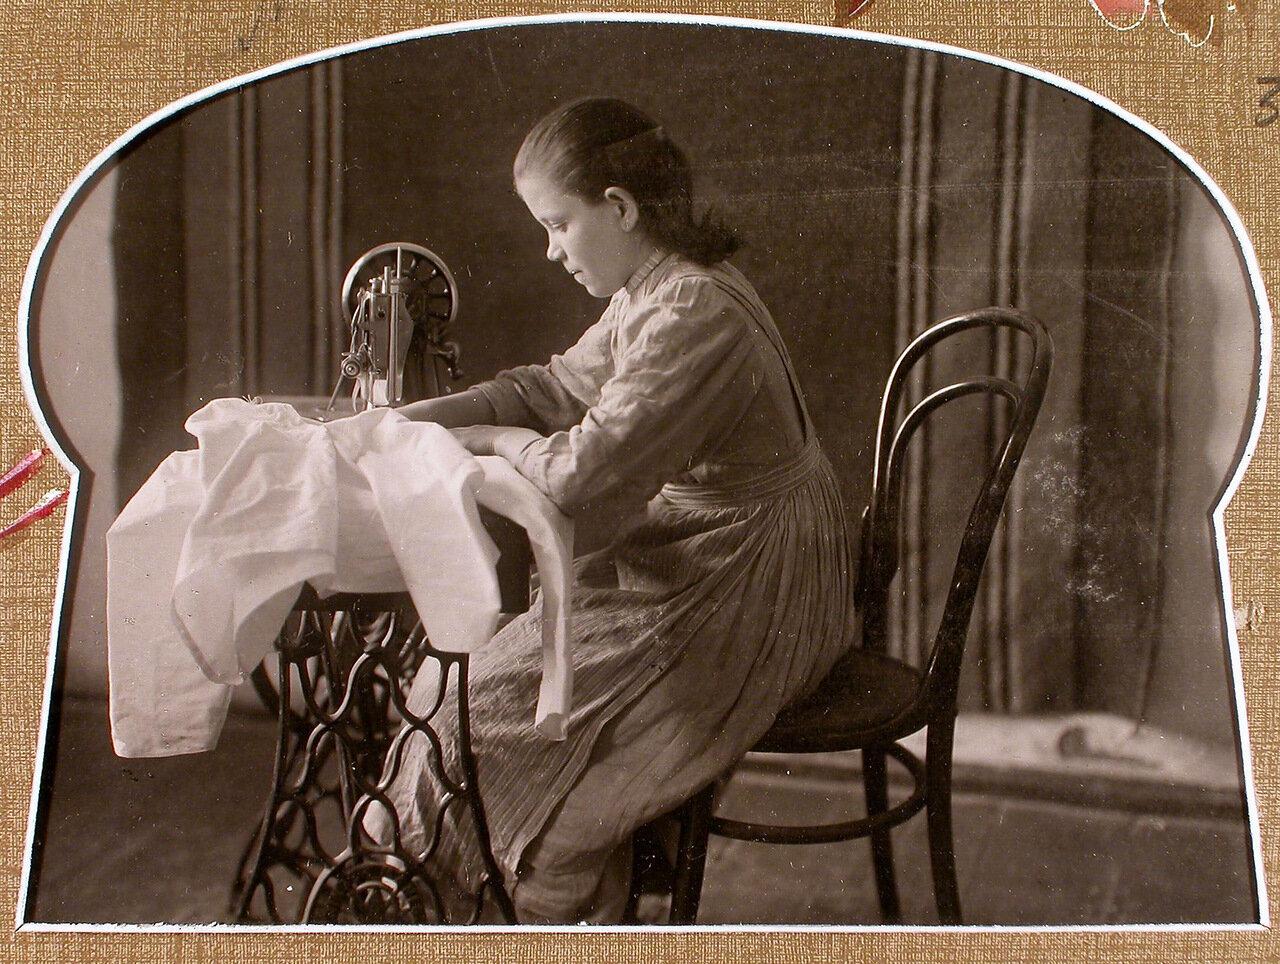 Рукодельный класс. Ученица за работой на швейной машине